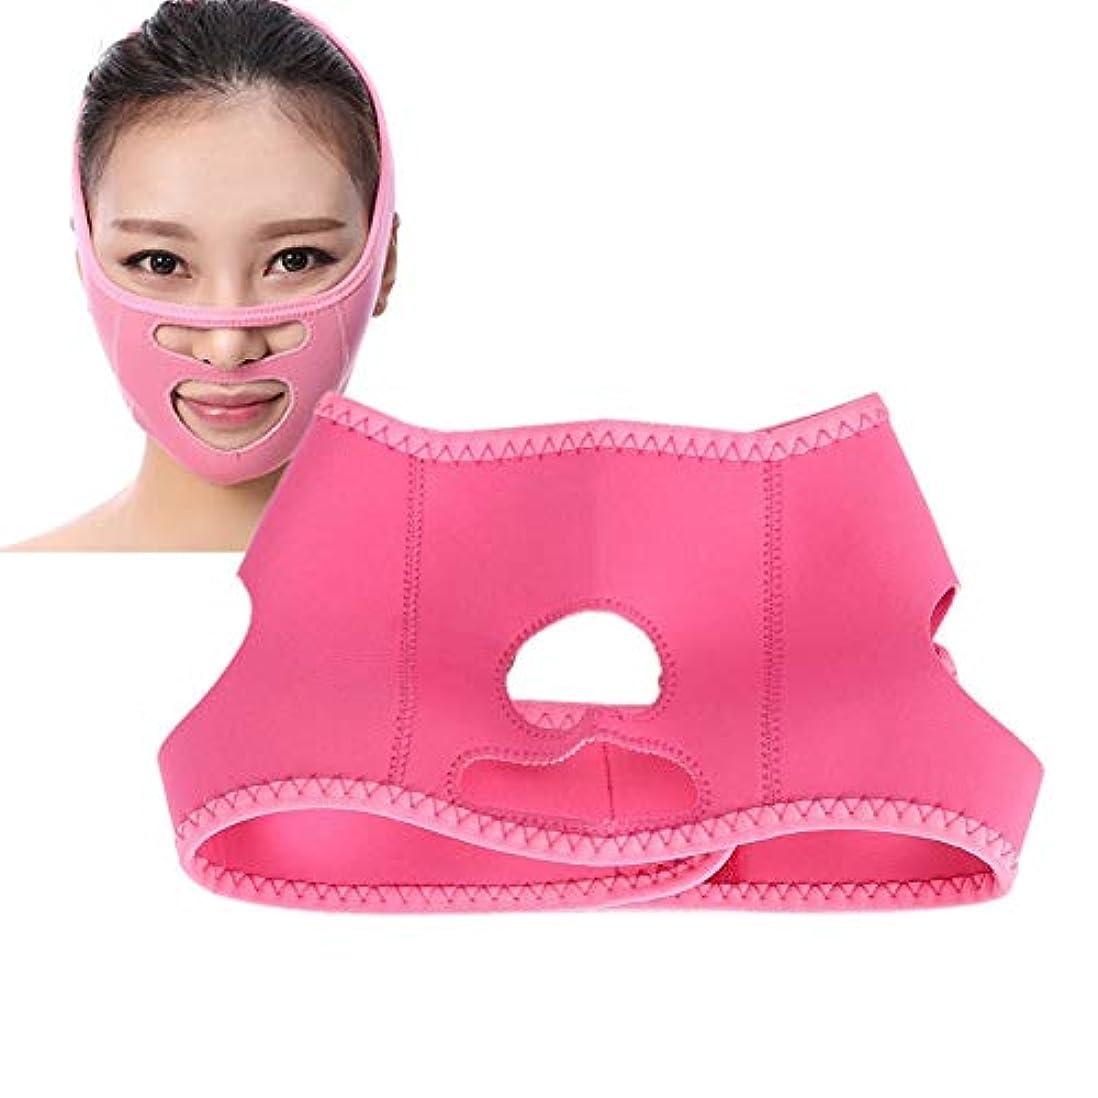 傷跡音楽郵便フェイスマスク 低反発素材 通気 小顔 矯正 顔痩せ 筋肉弛緩 二重あご 補正ベルト